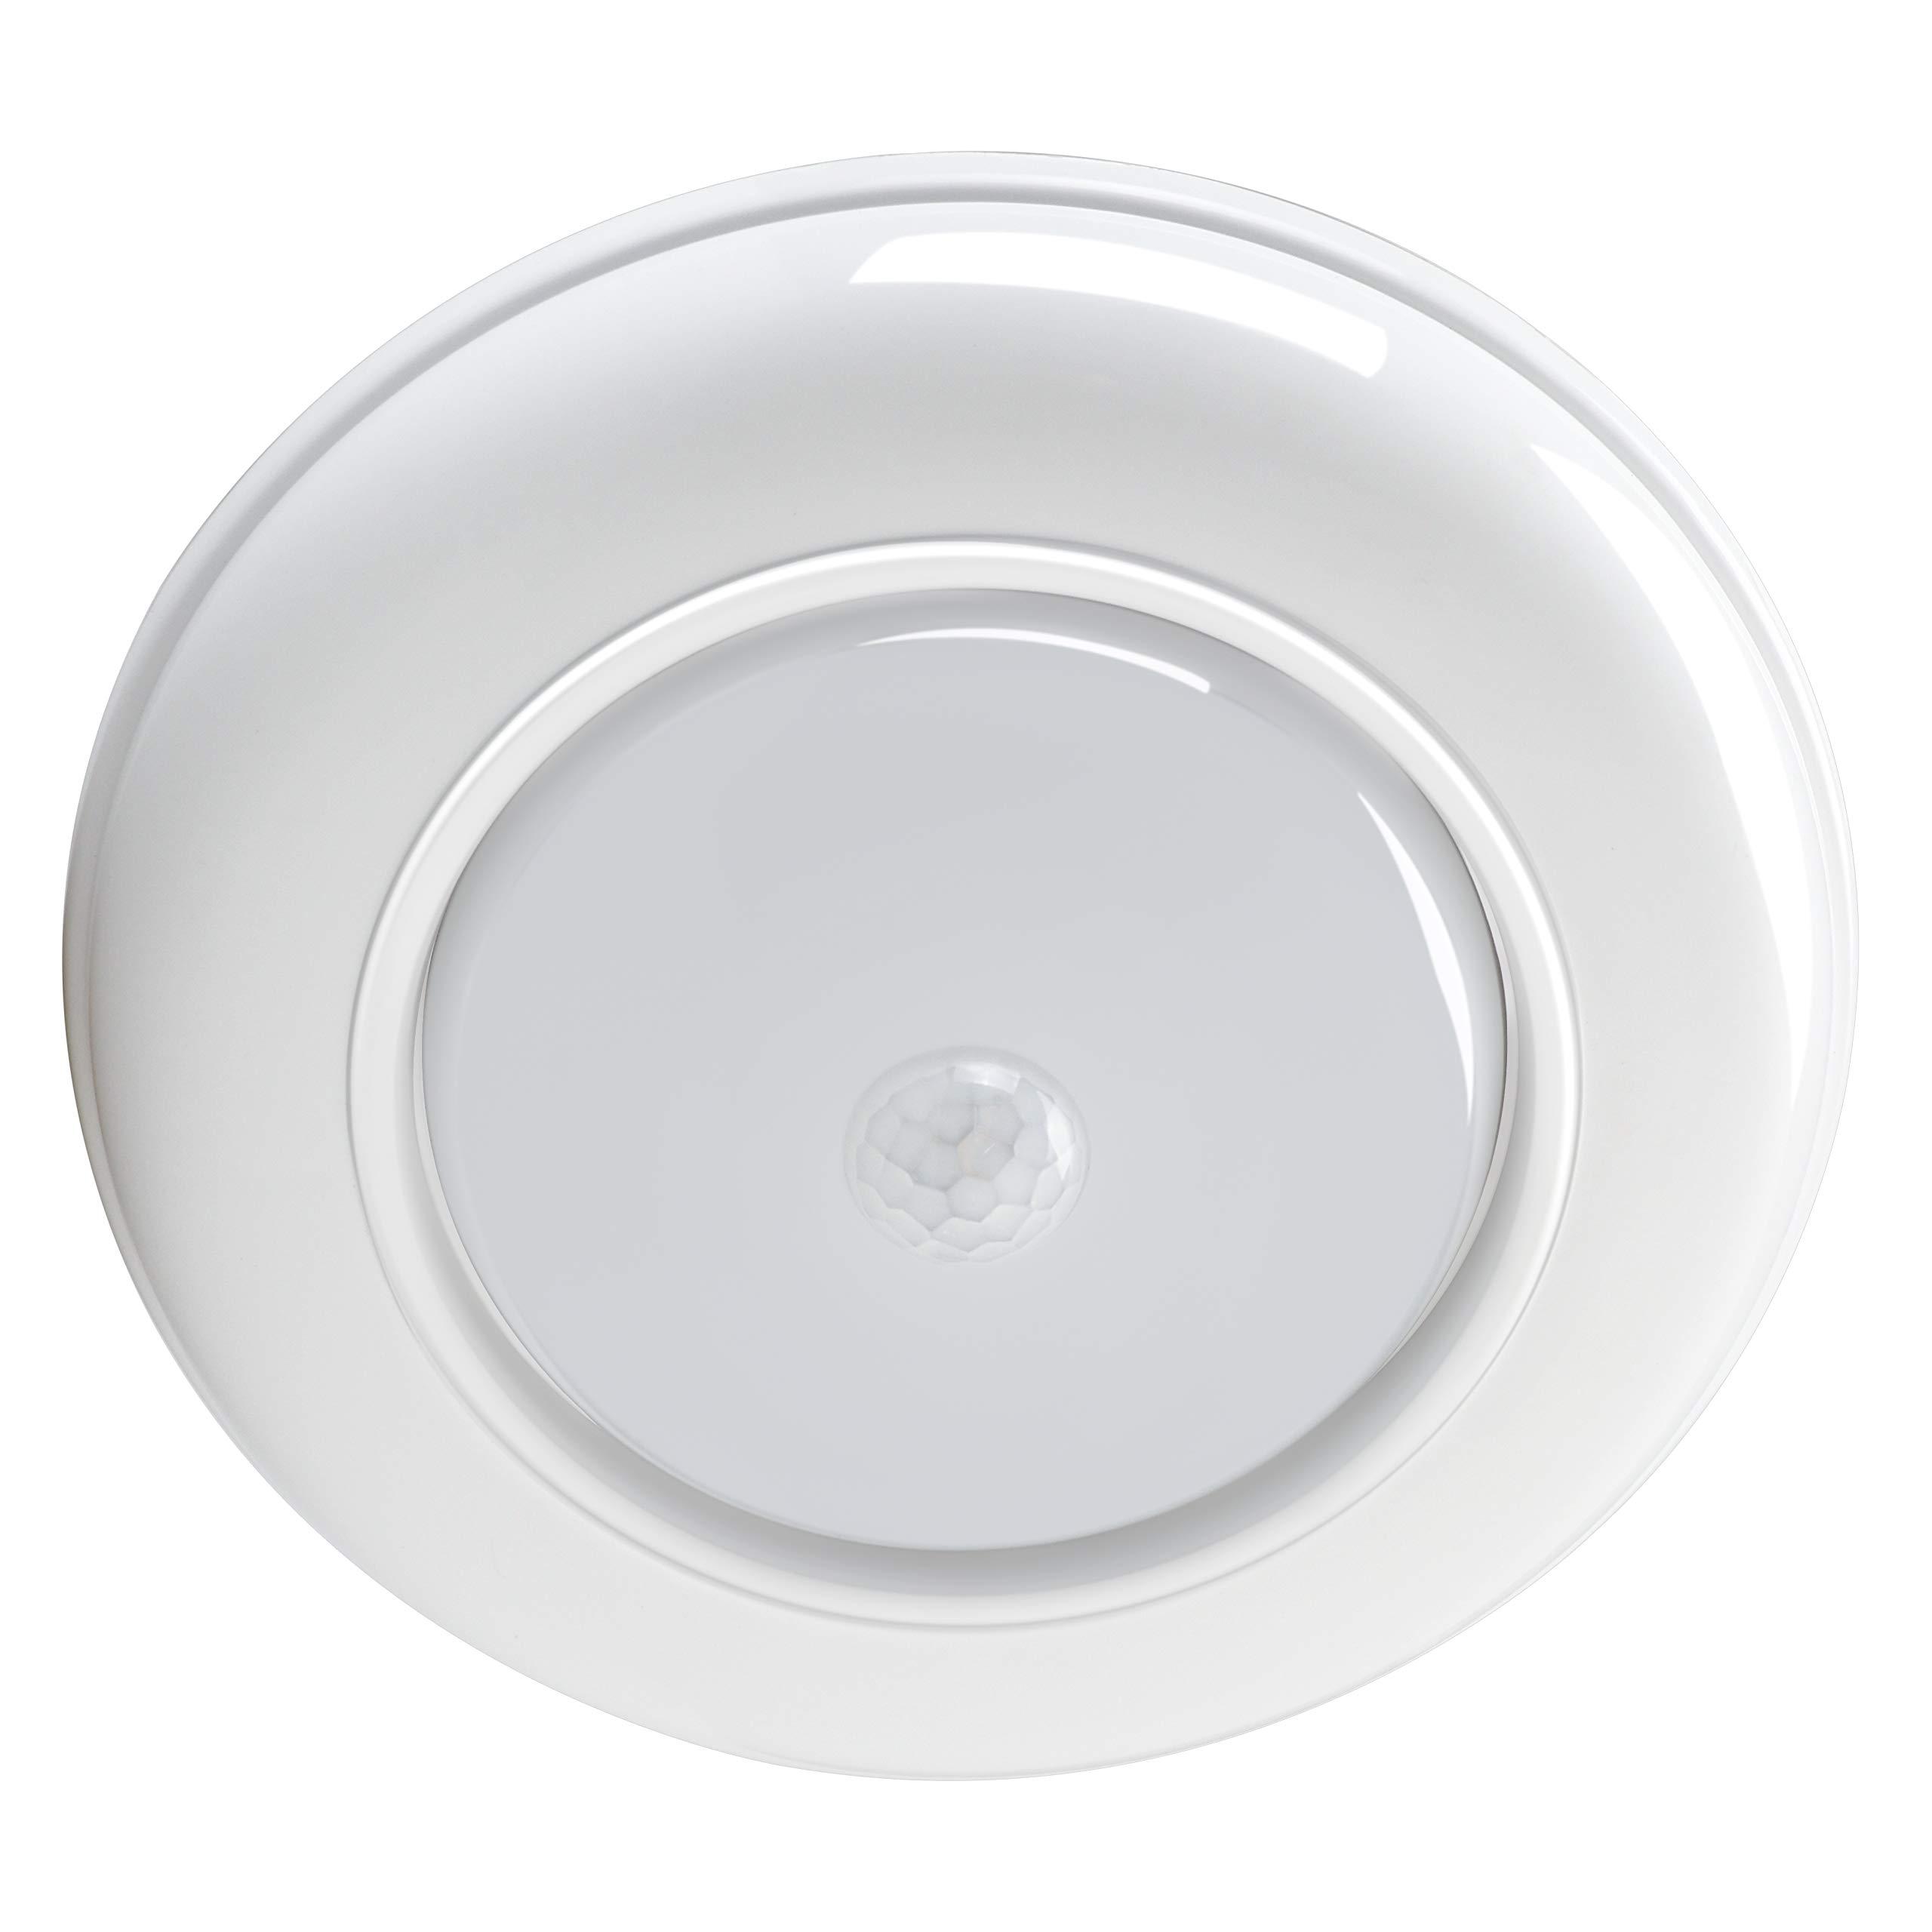 WOOPHEN Motion Sensor Ceiling Light Wireless Battery Powered Motion Sensing Activated Indoor LED Light, 180 Lumen, White